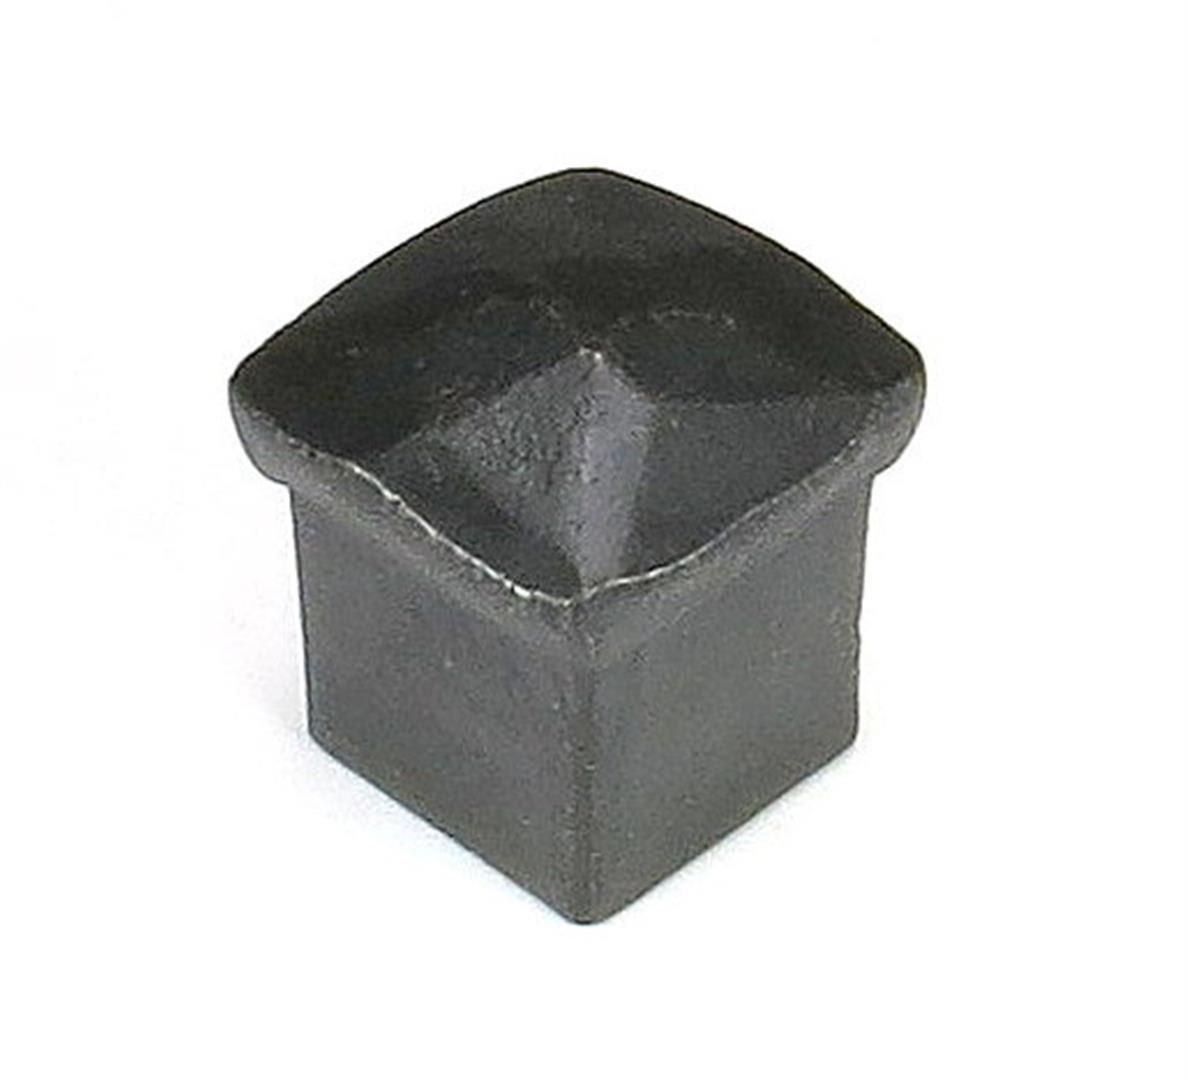 Kabinett Knopf große quadratische Küche Tür Brust Schublade   Etsy